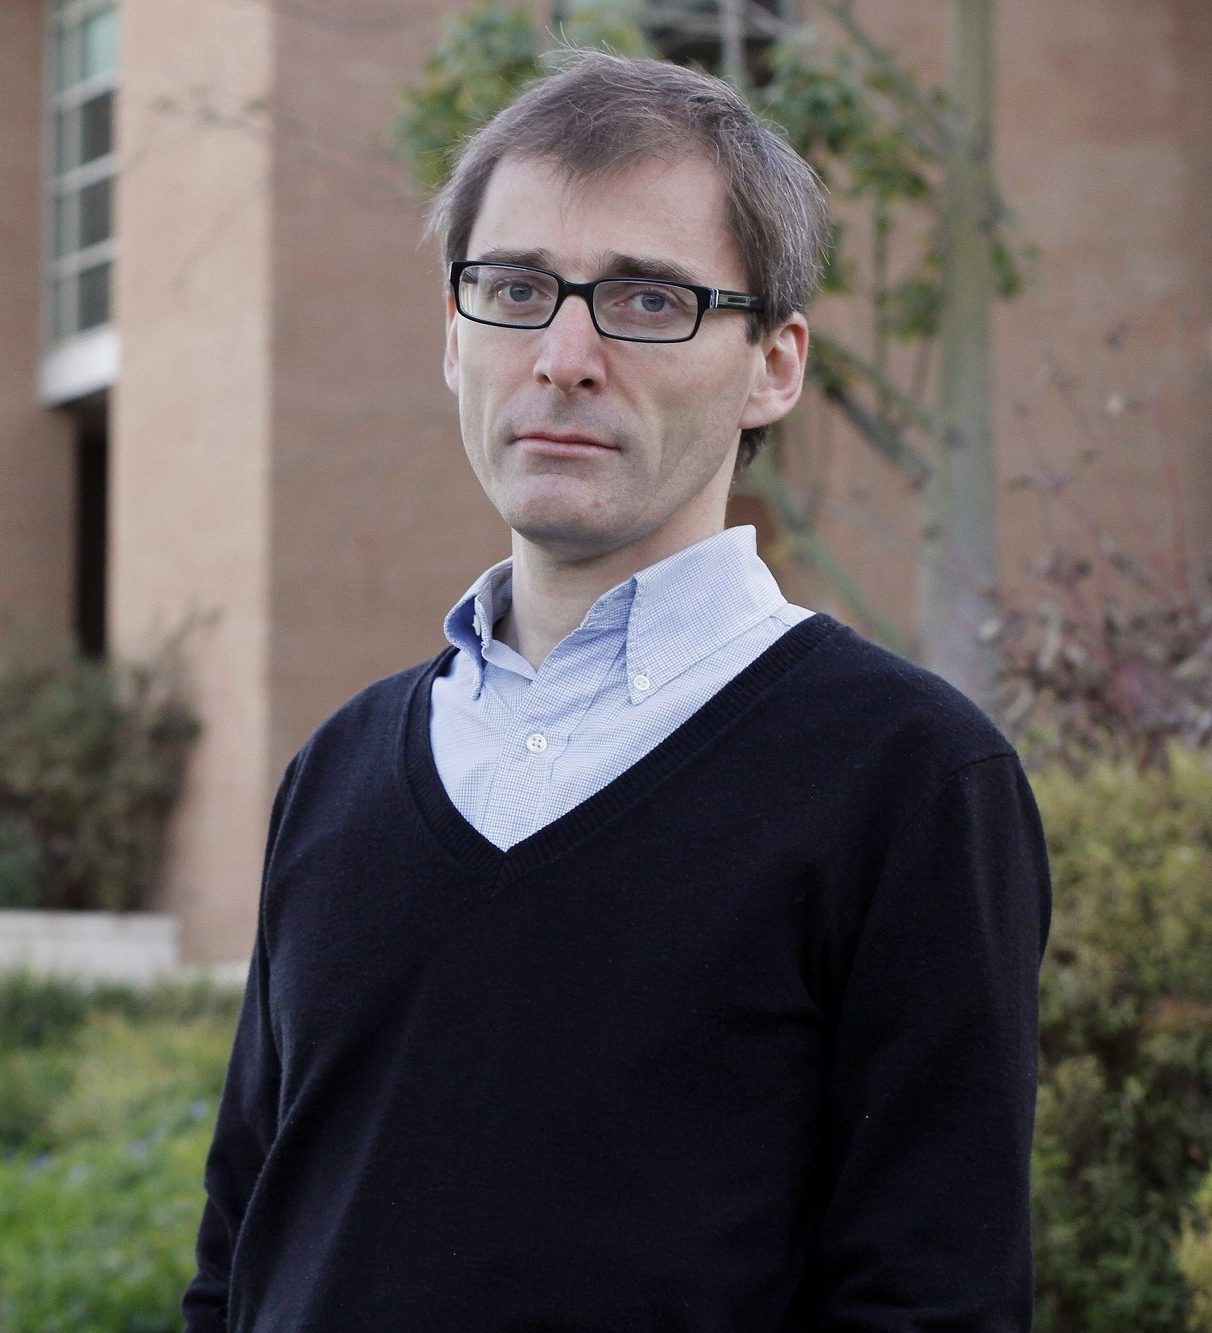 Jorge Mittelmann